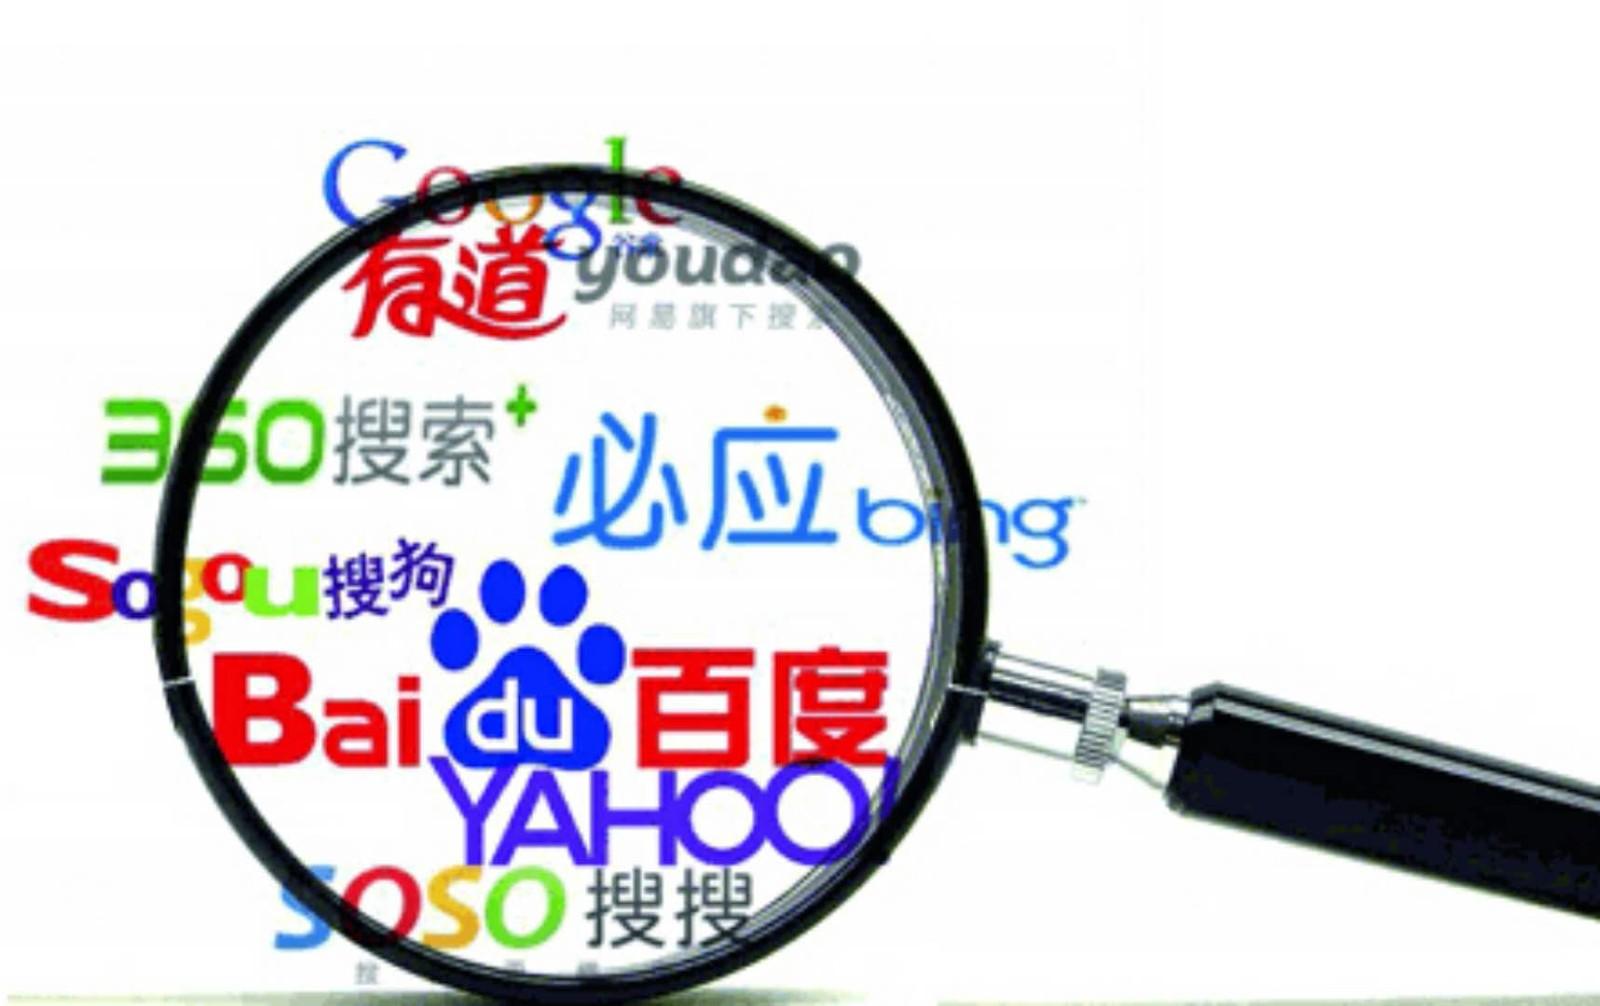 网站关键词技术 网站建设哪家好 深圳市小蚁人科技文化发展有限公司